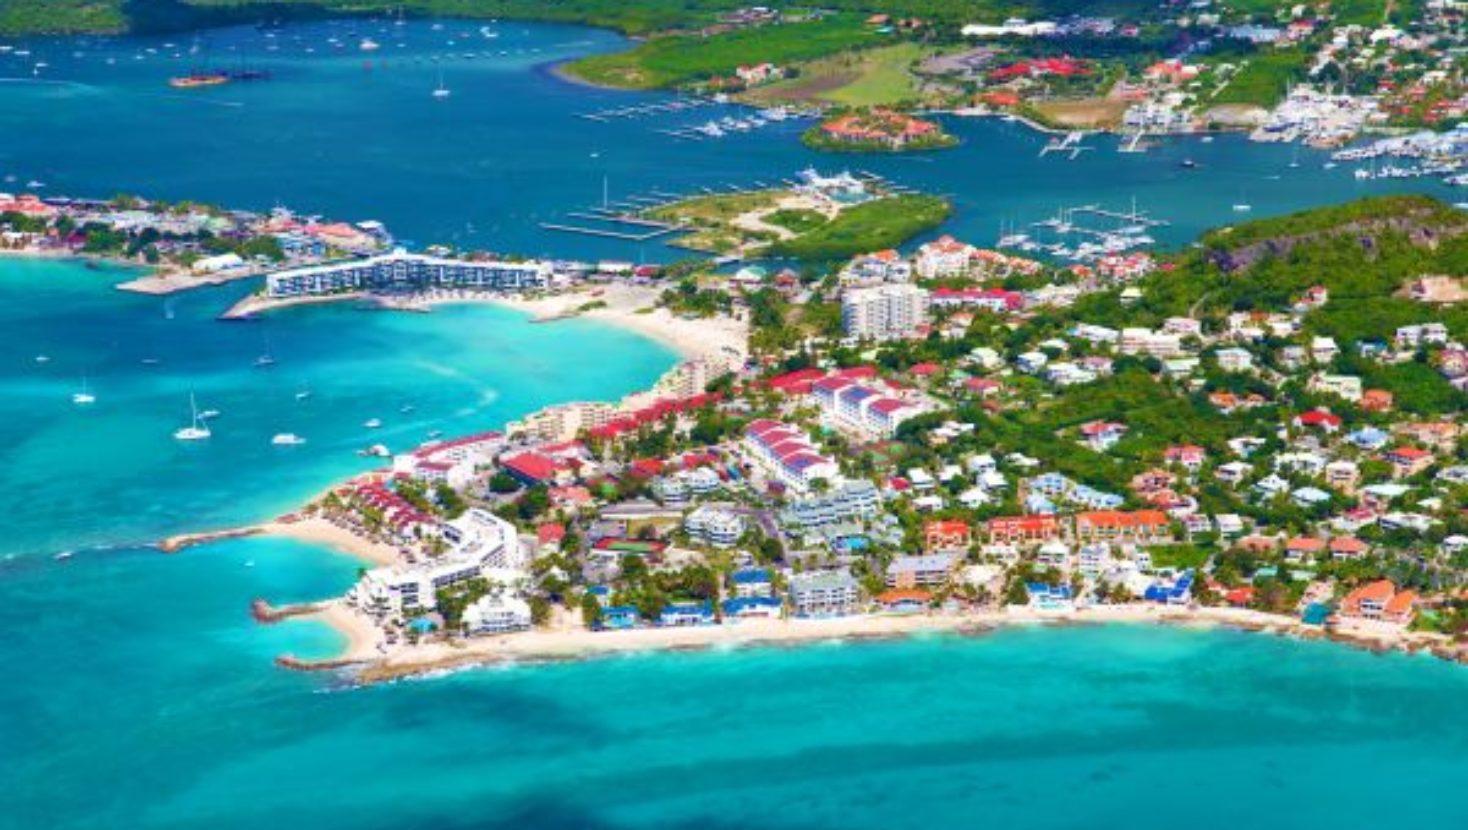 Tourisme : que faire à Saint-Martin ?